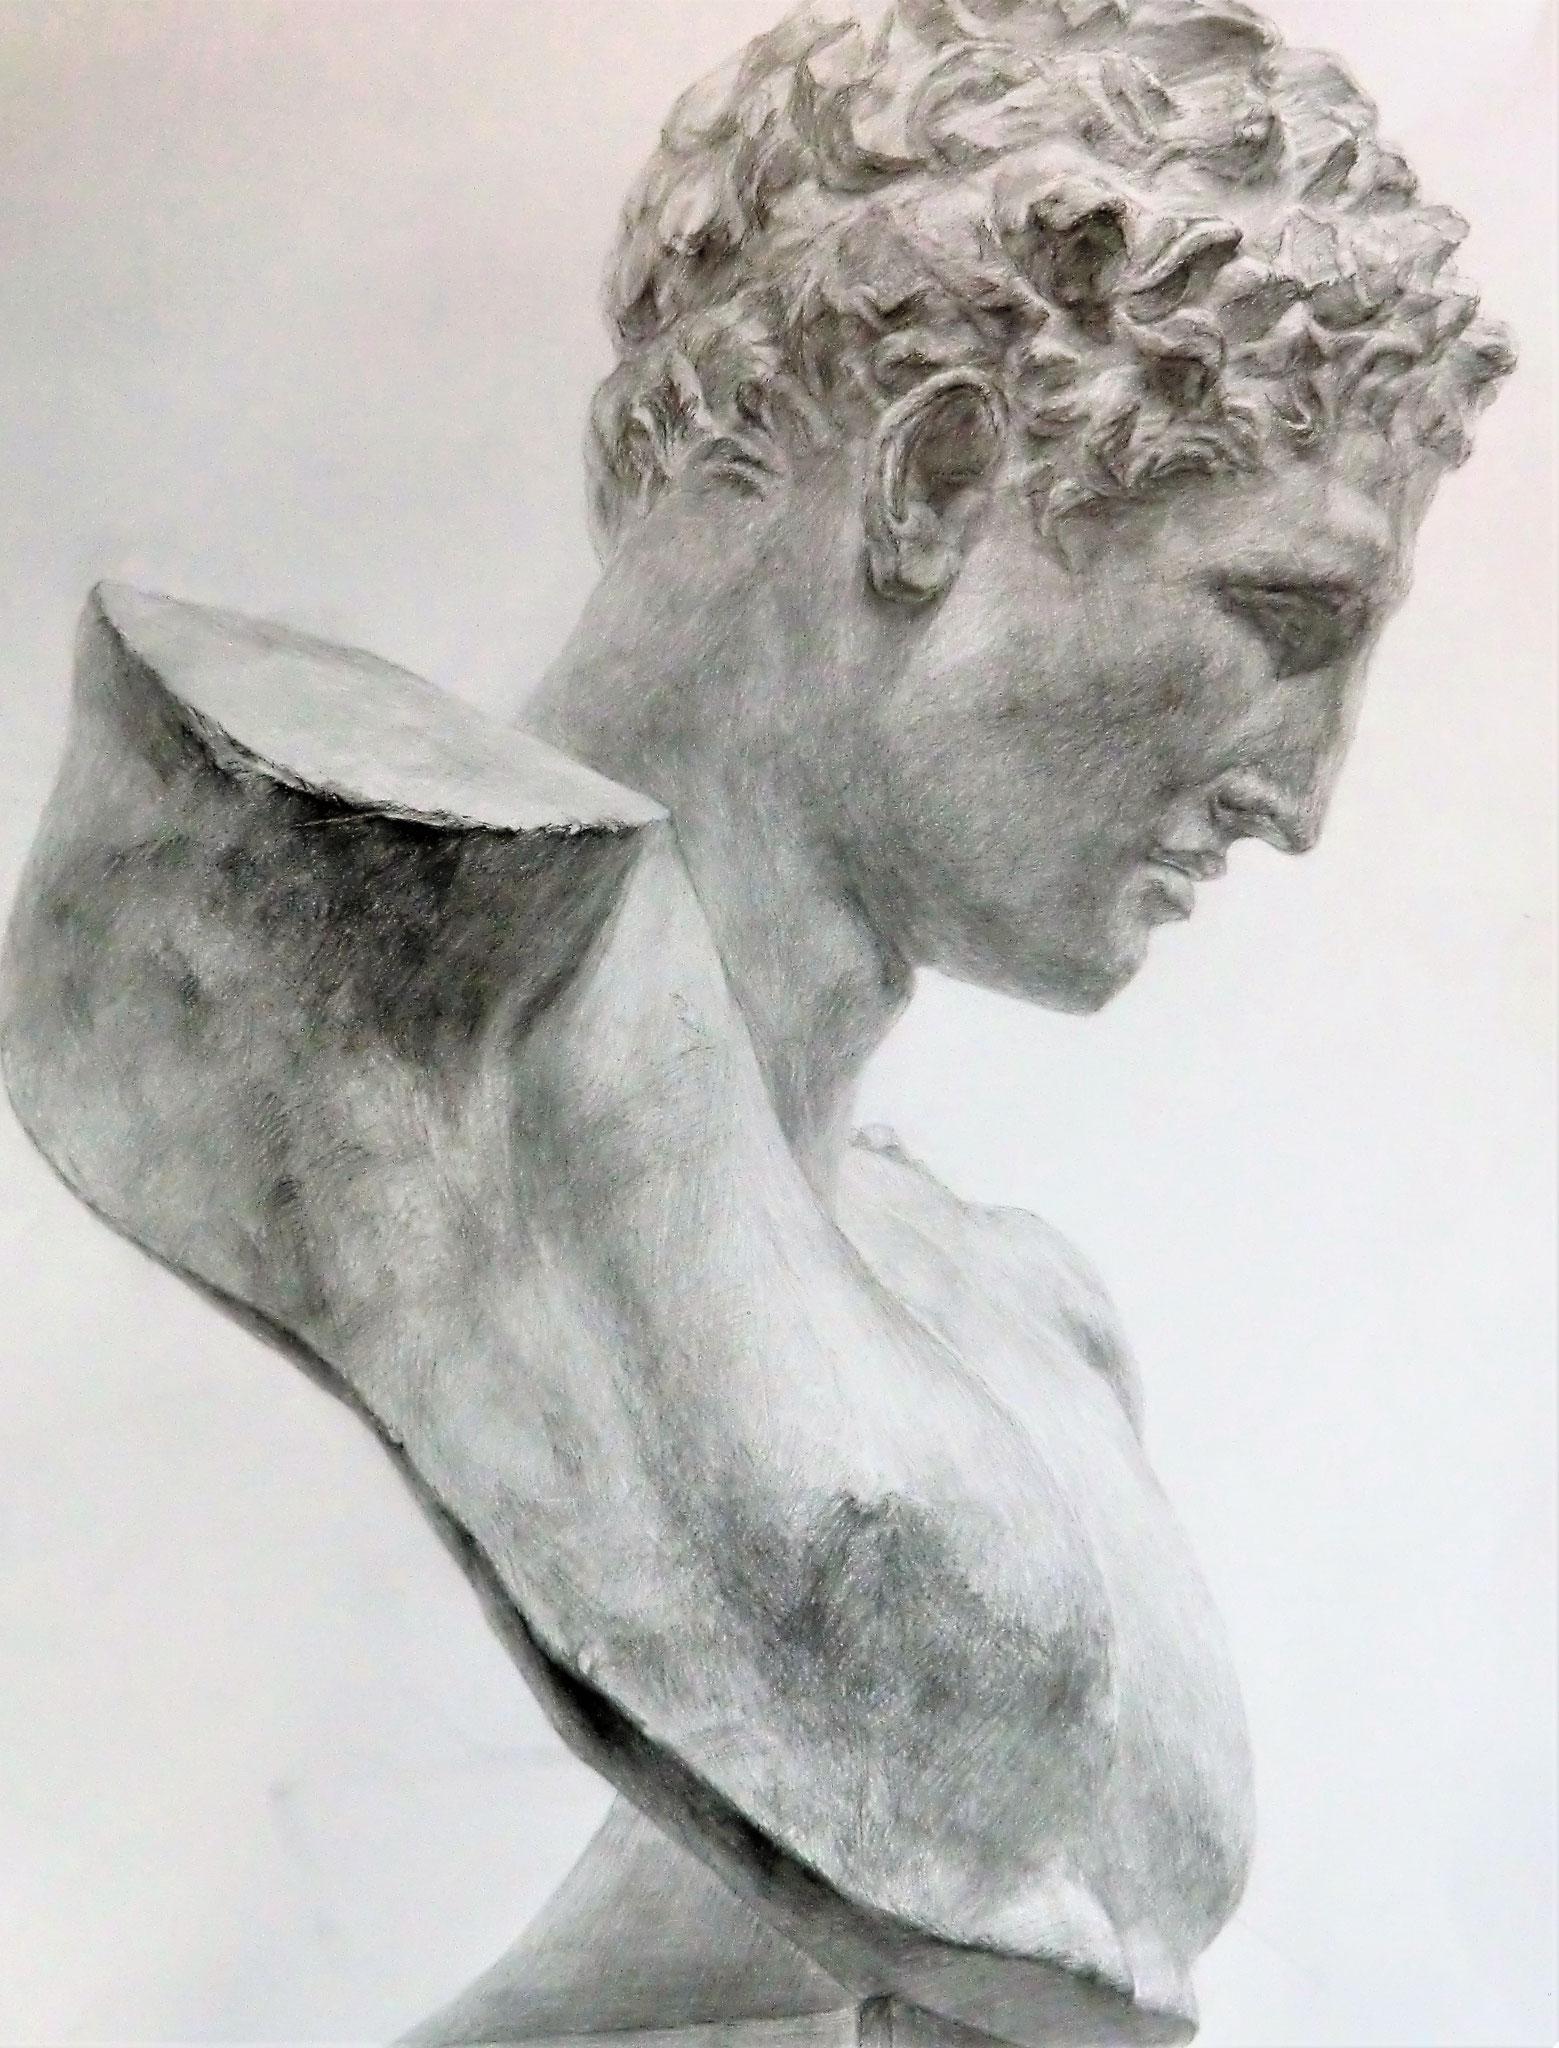 生徒作品13 鉛筆デッサン<ヘルメス像> 630×480mm 白象紙 【日本画系】